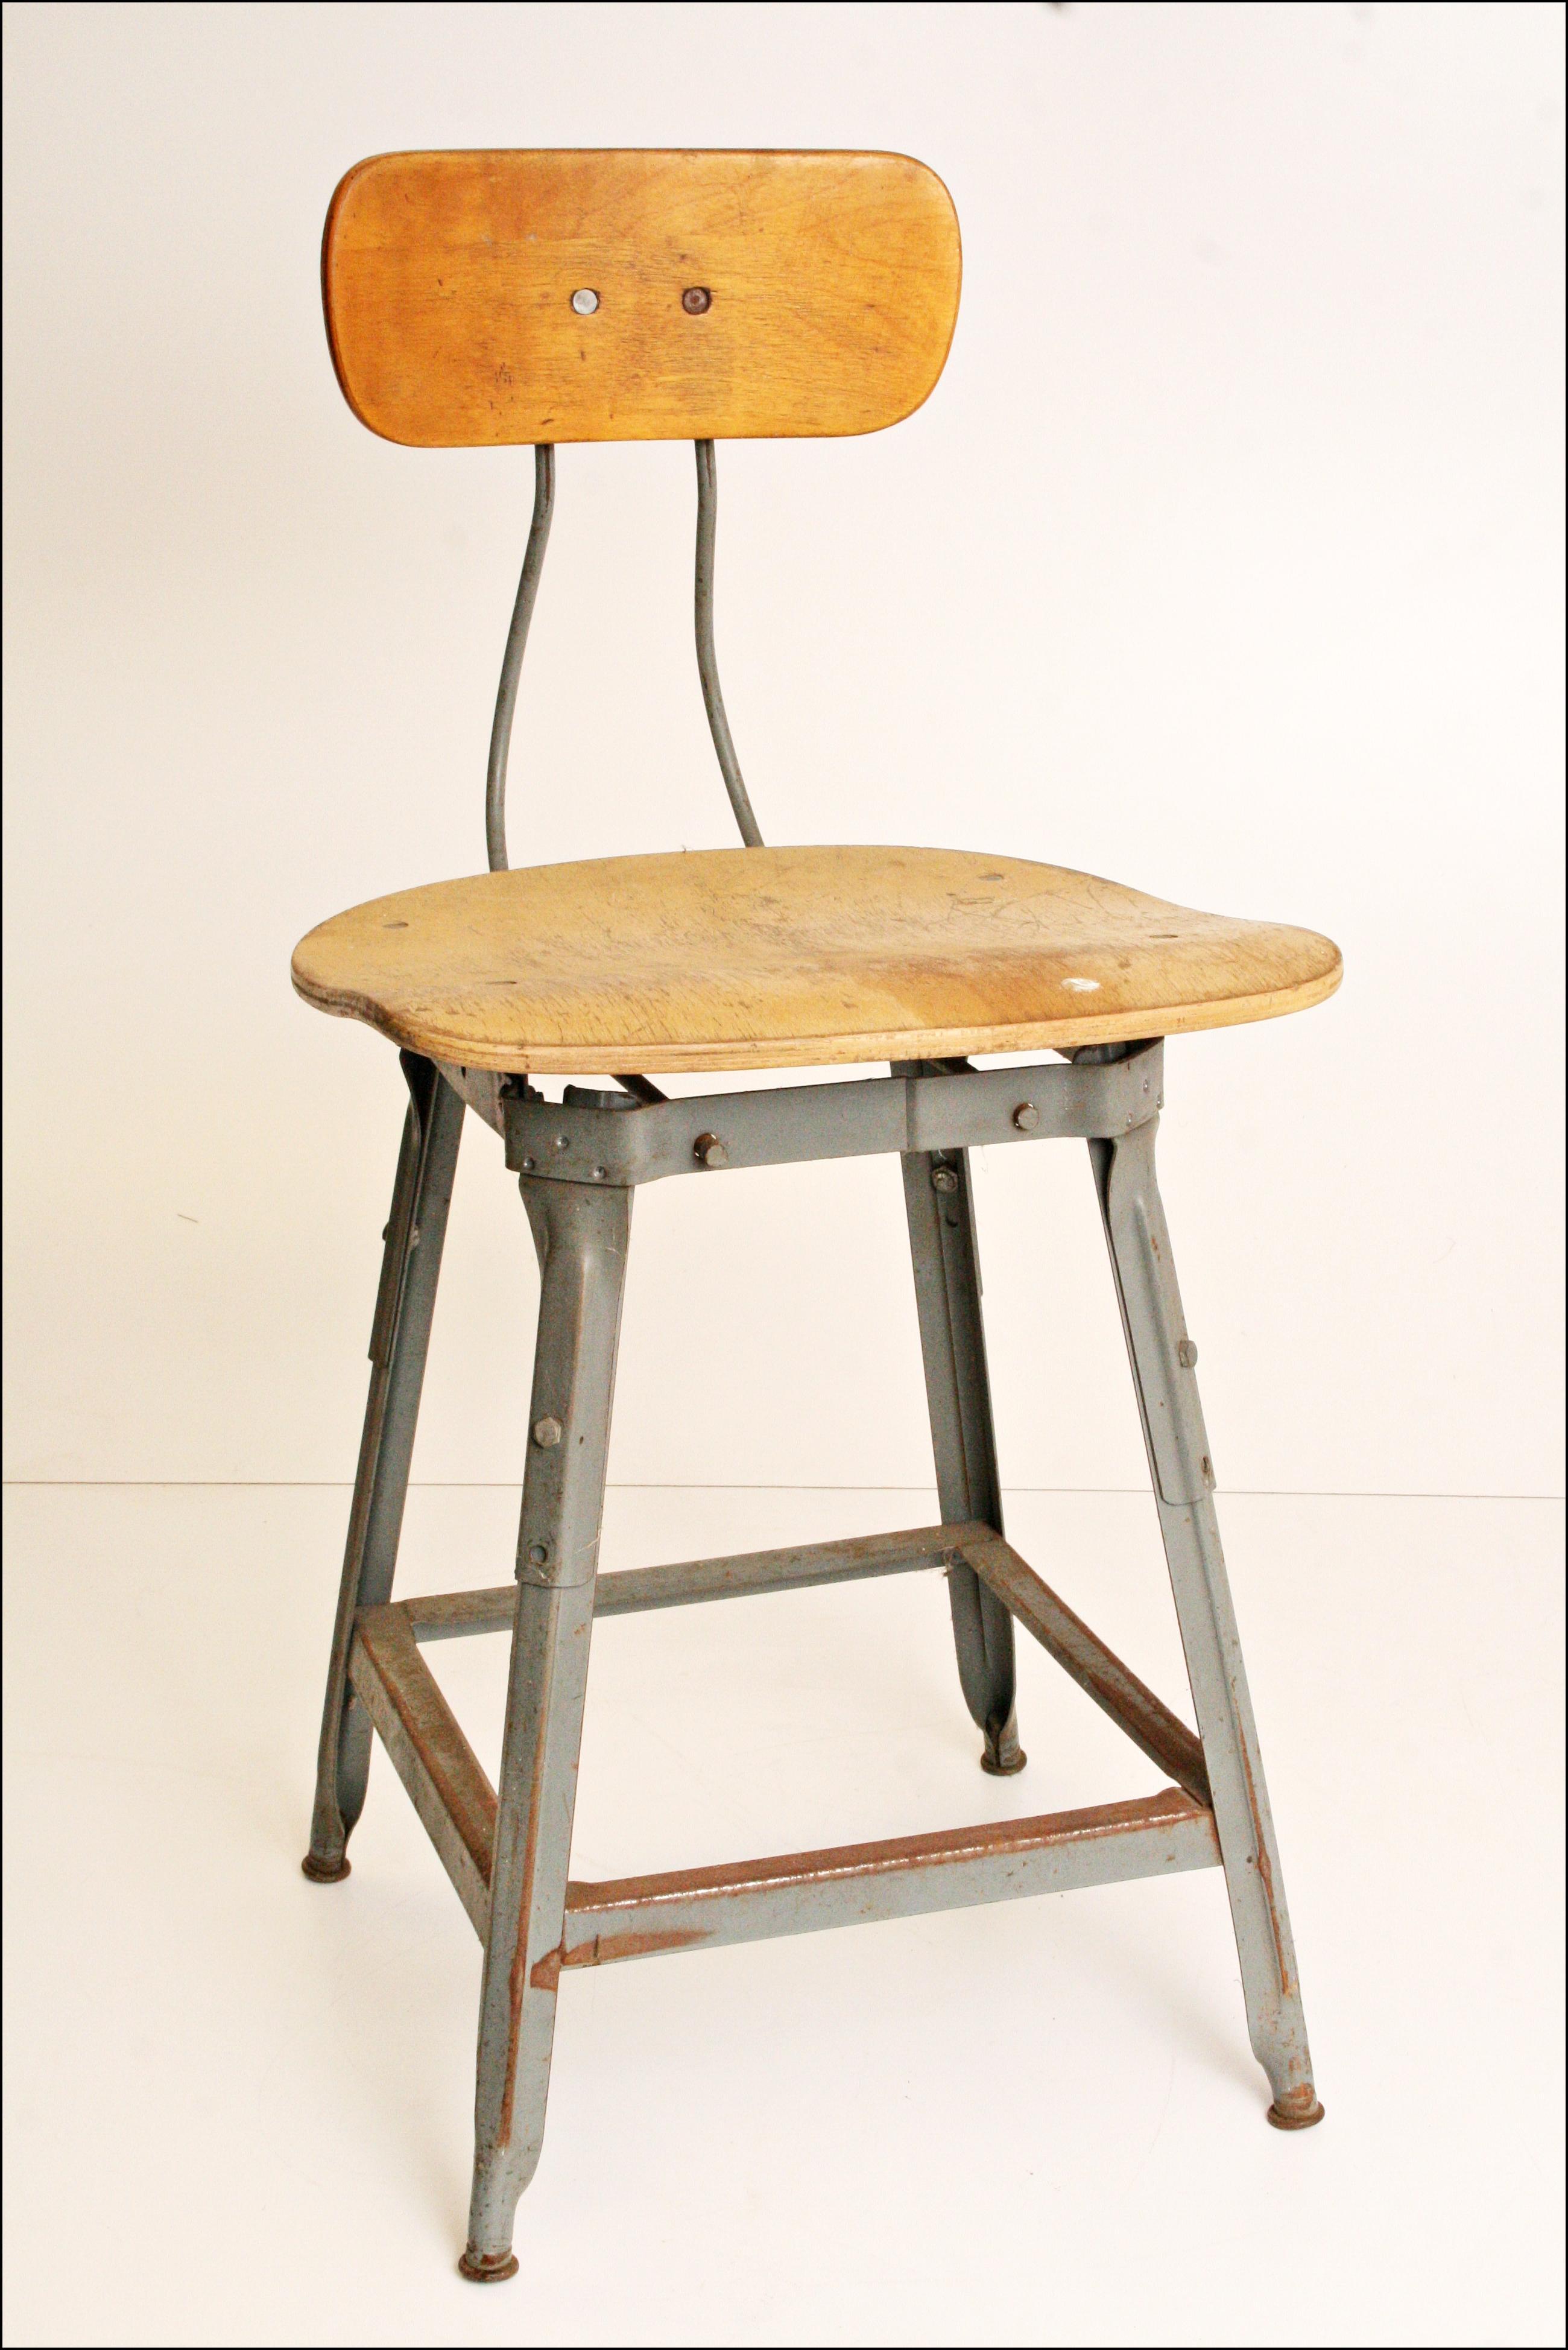 Vintage Industrial Metal Drafting Stool Chairish